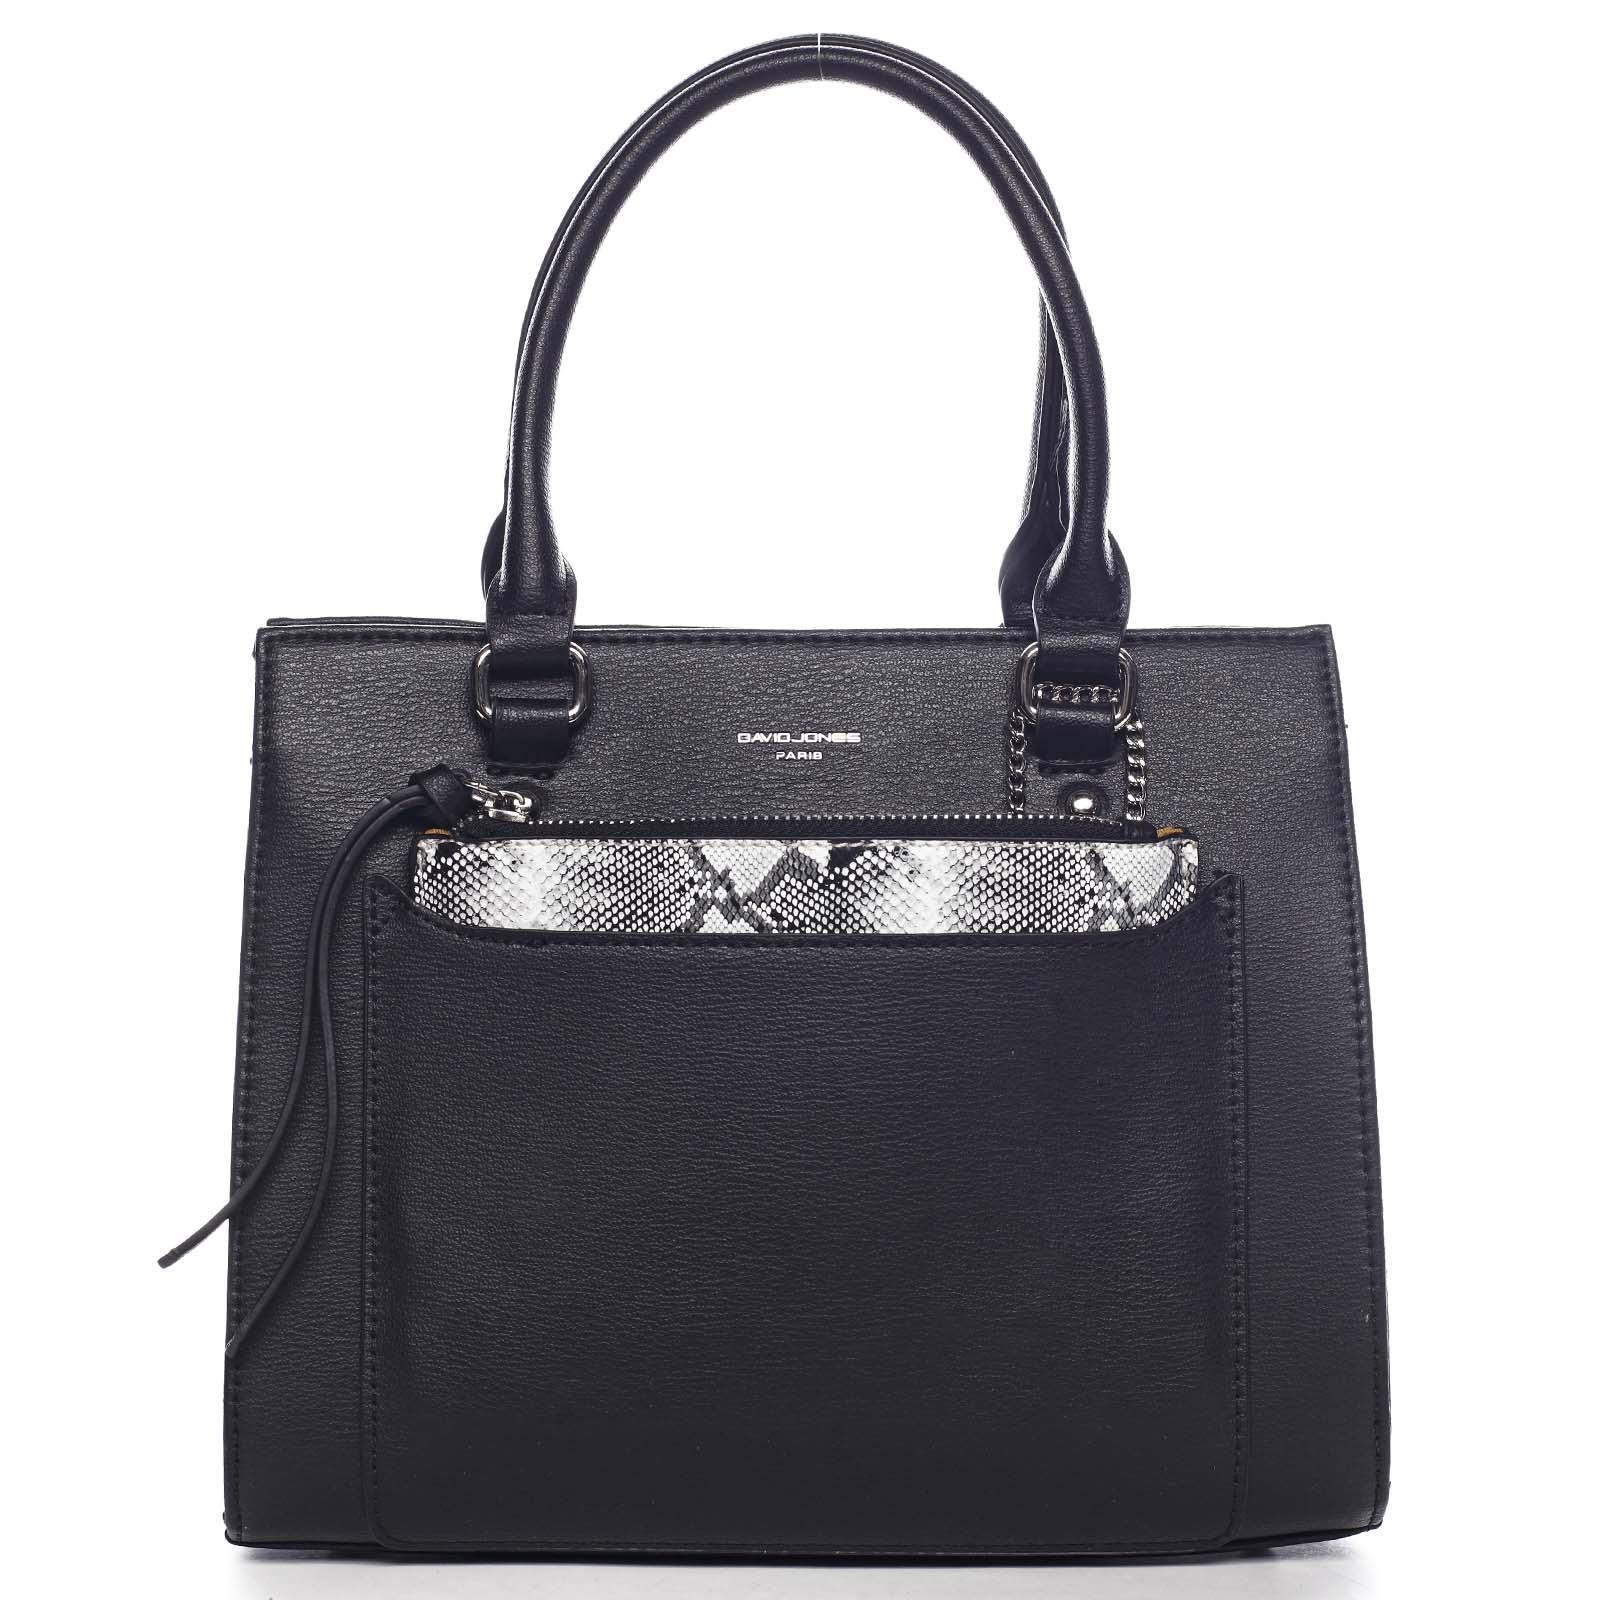 Exkluzívna dámska kabelka čierna - David Jones Joan čierna